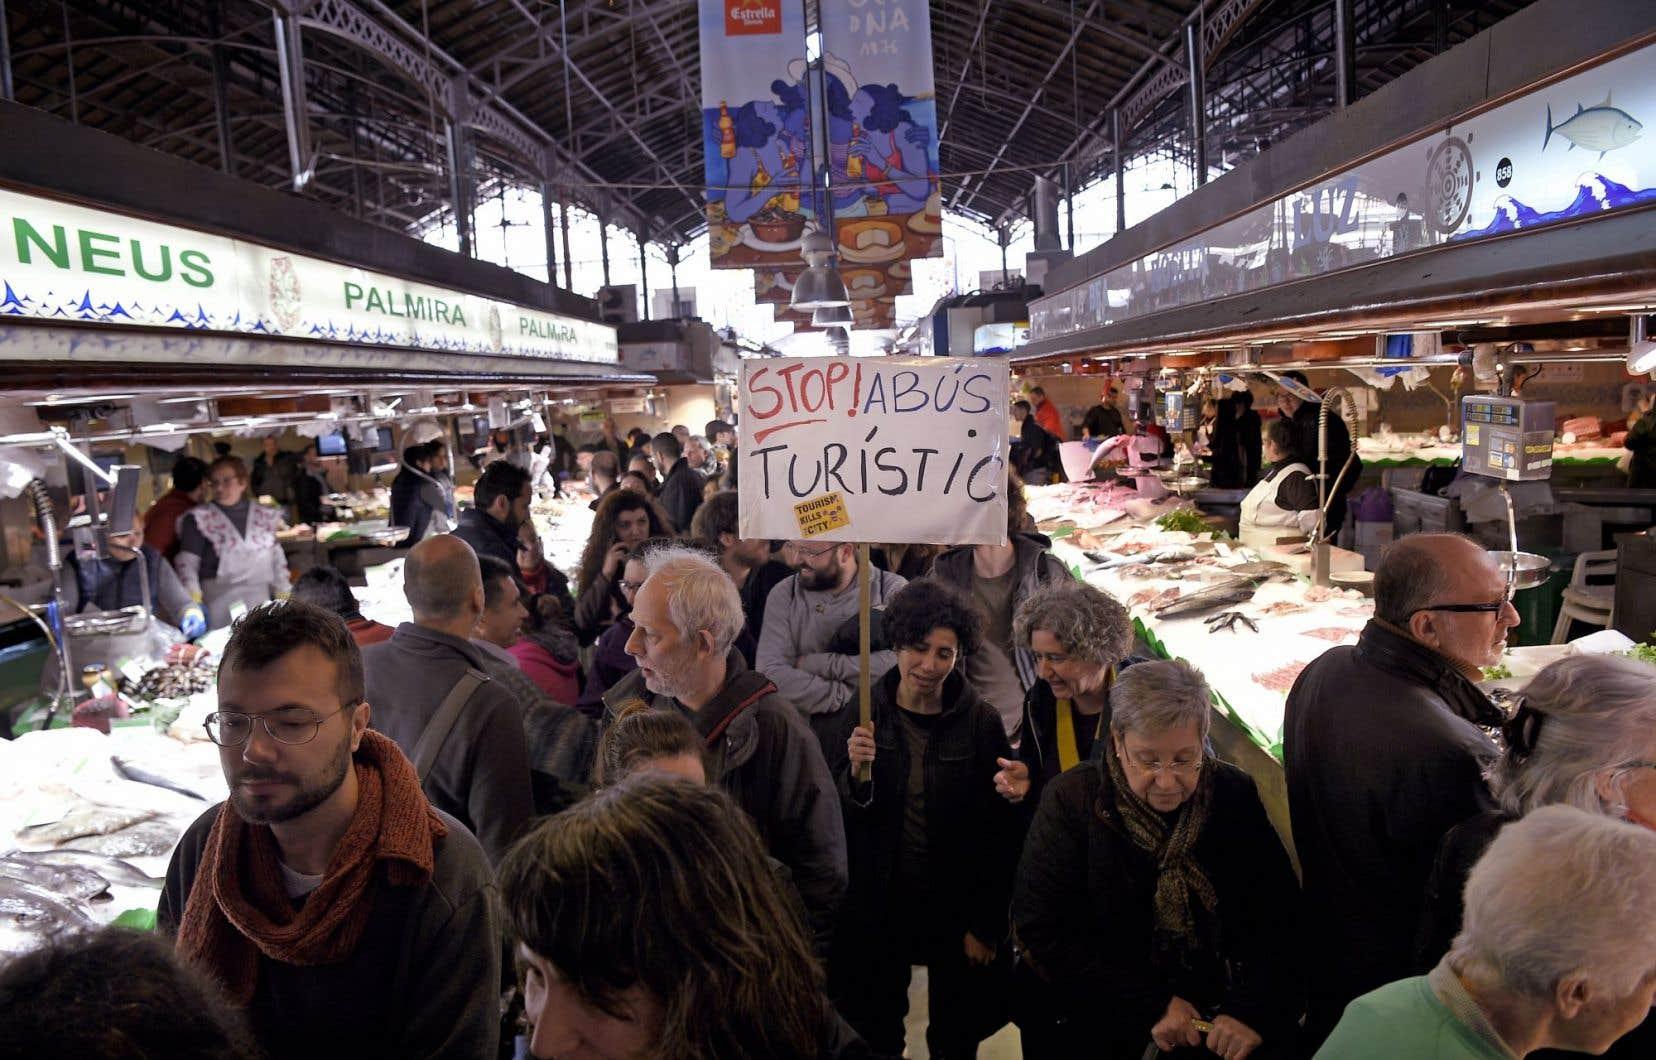 Une femme manifestait en janvier dernier au populaire marché La Boqueria de Barcelone. «Arrêtez les abus des touristes», réclame-t-elle.